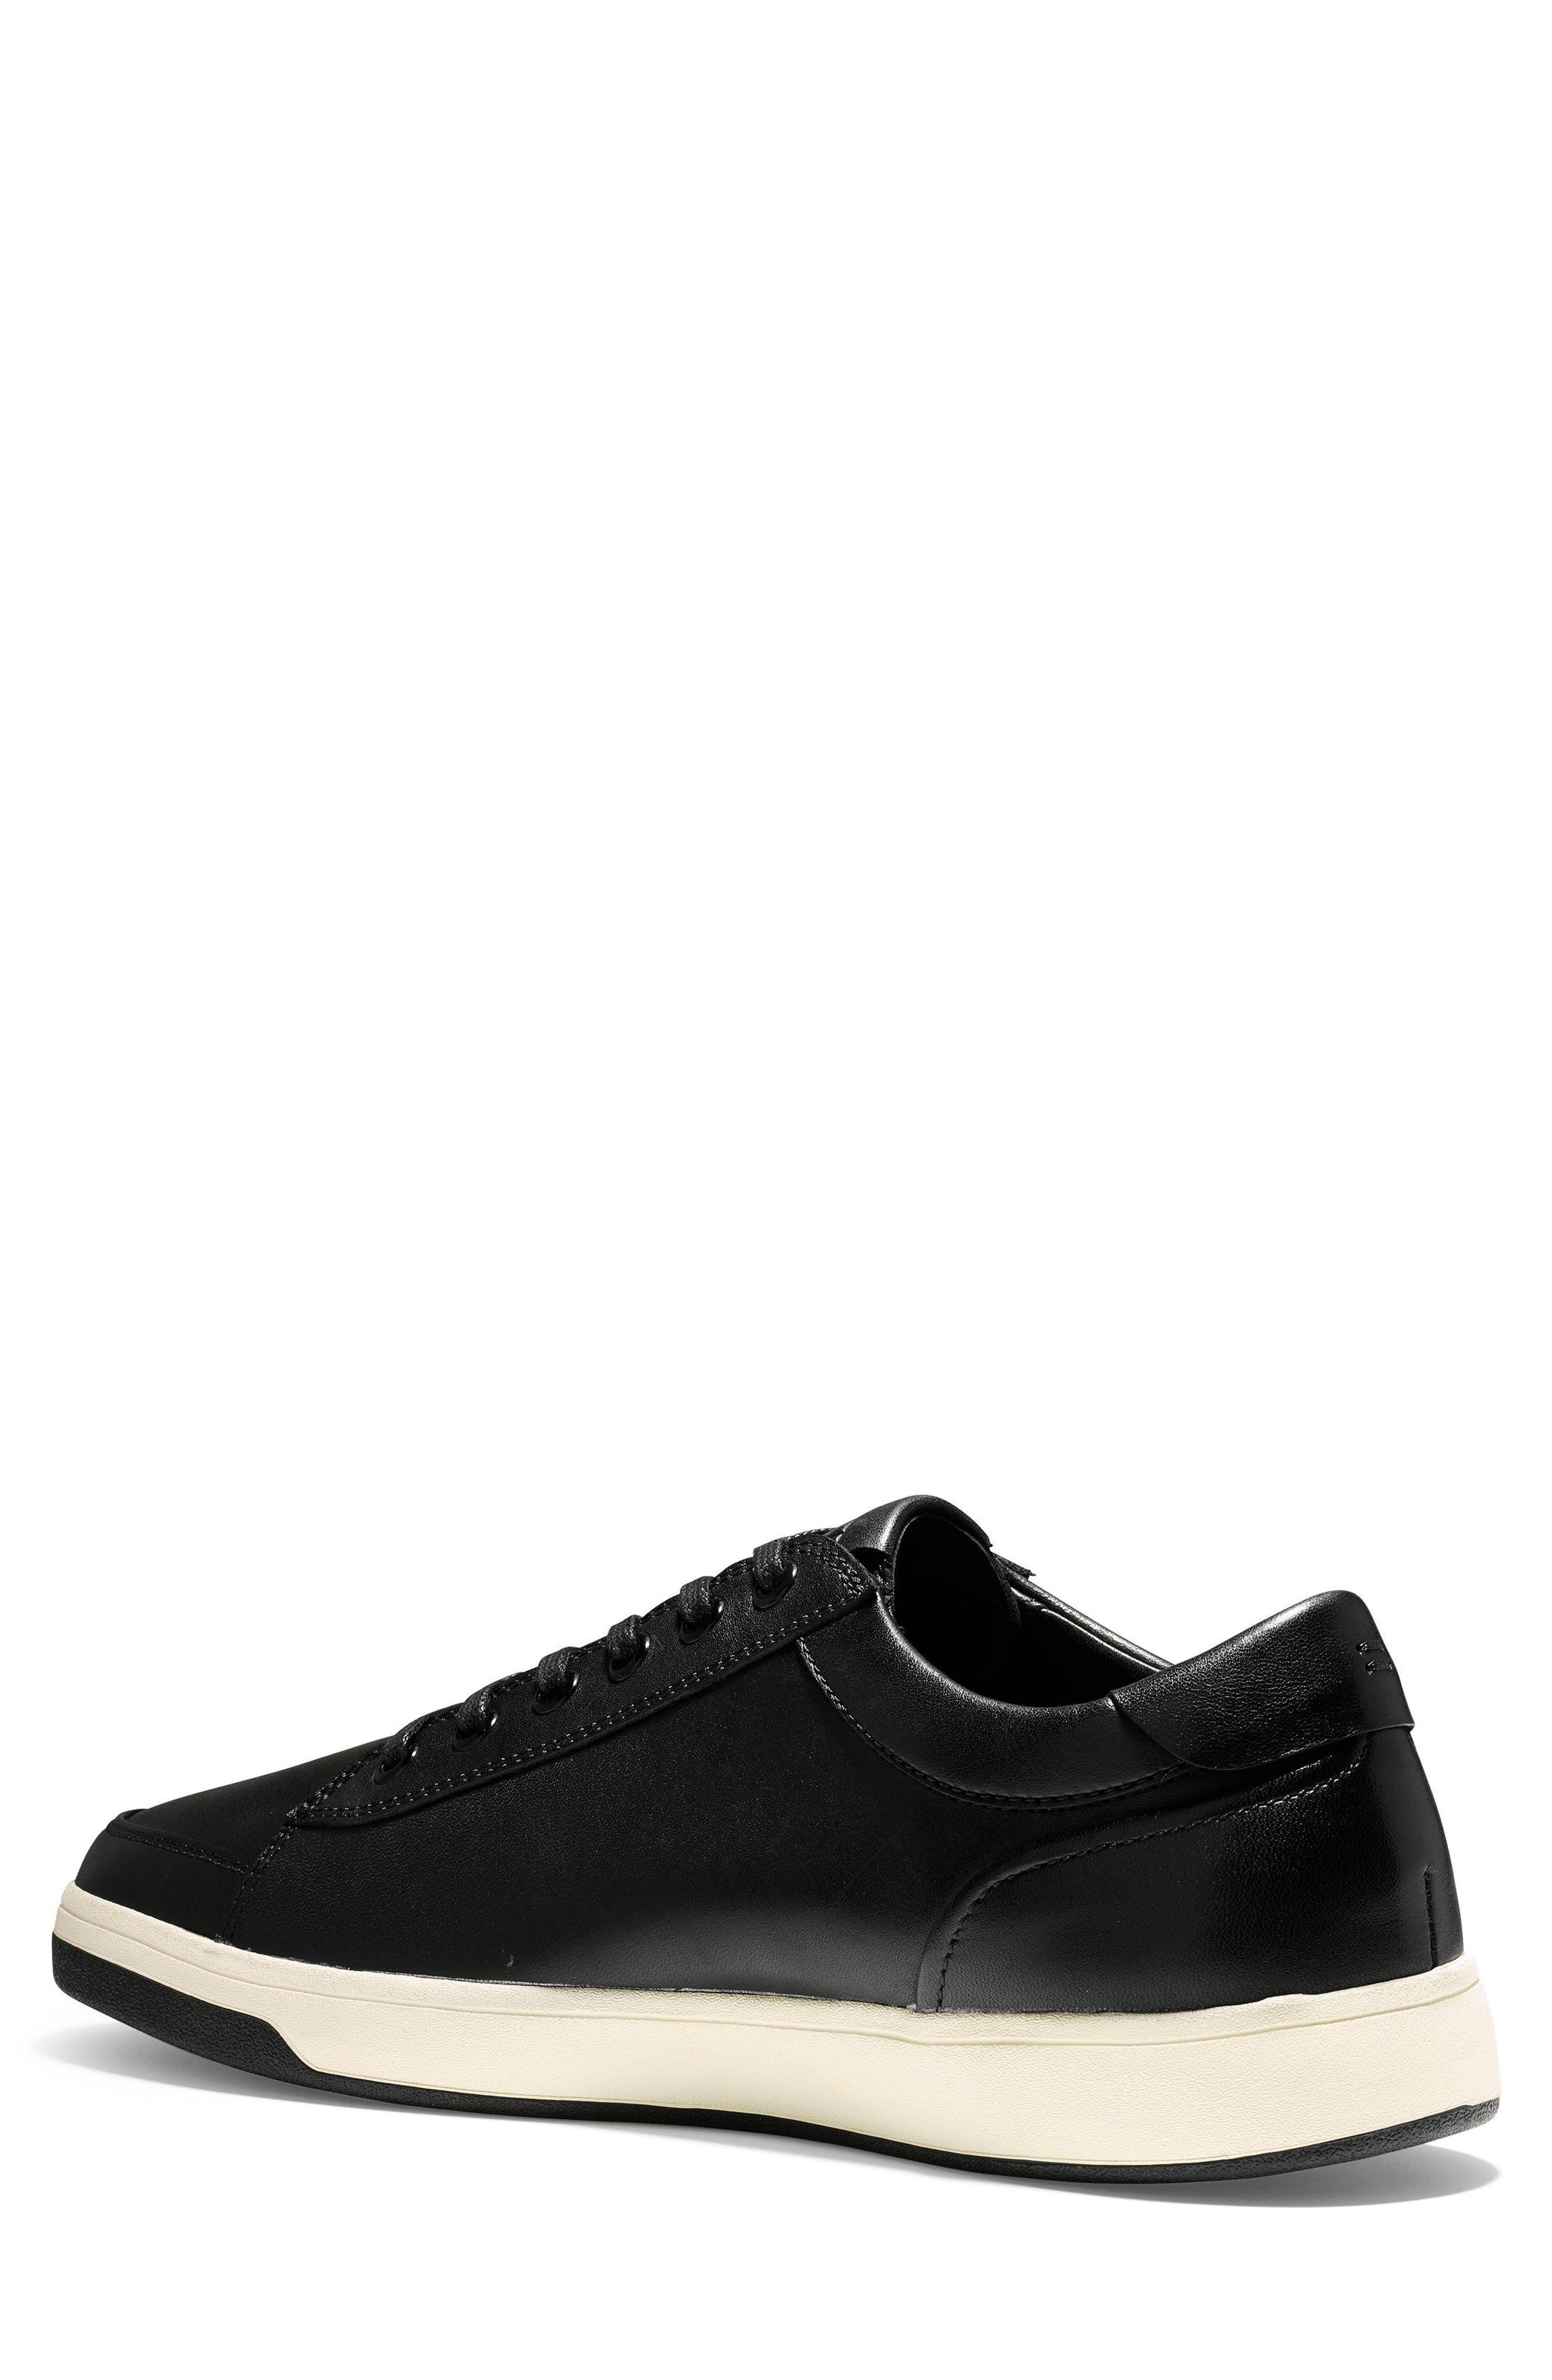 GrandPro Spectator Sneaker,                             Alternate thumbnail 2, color,                             001